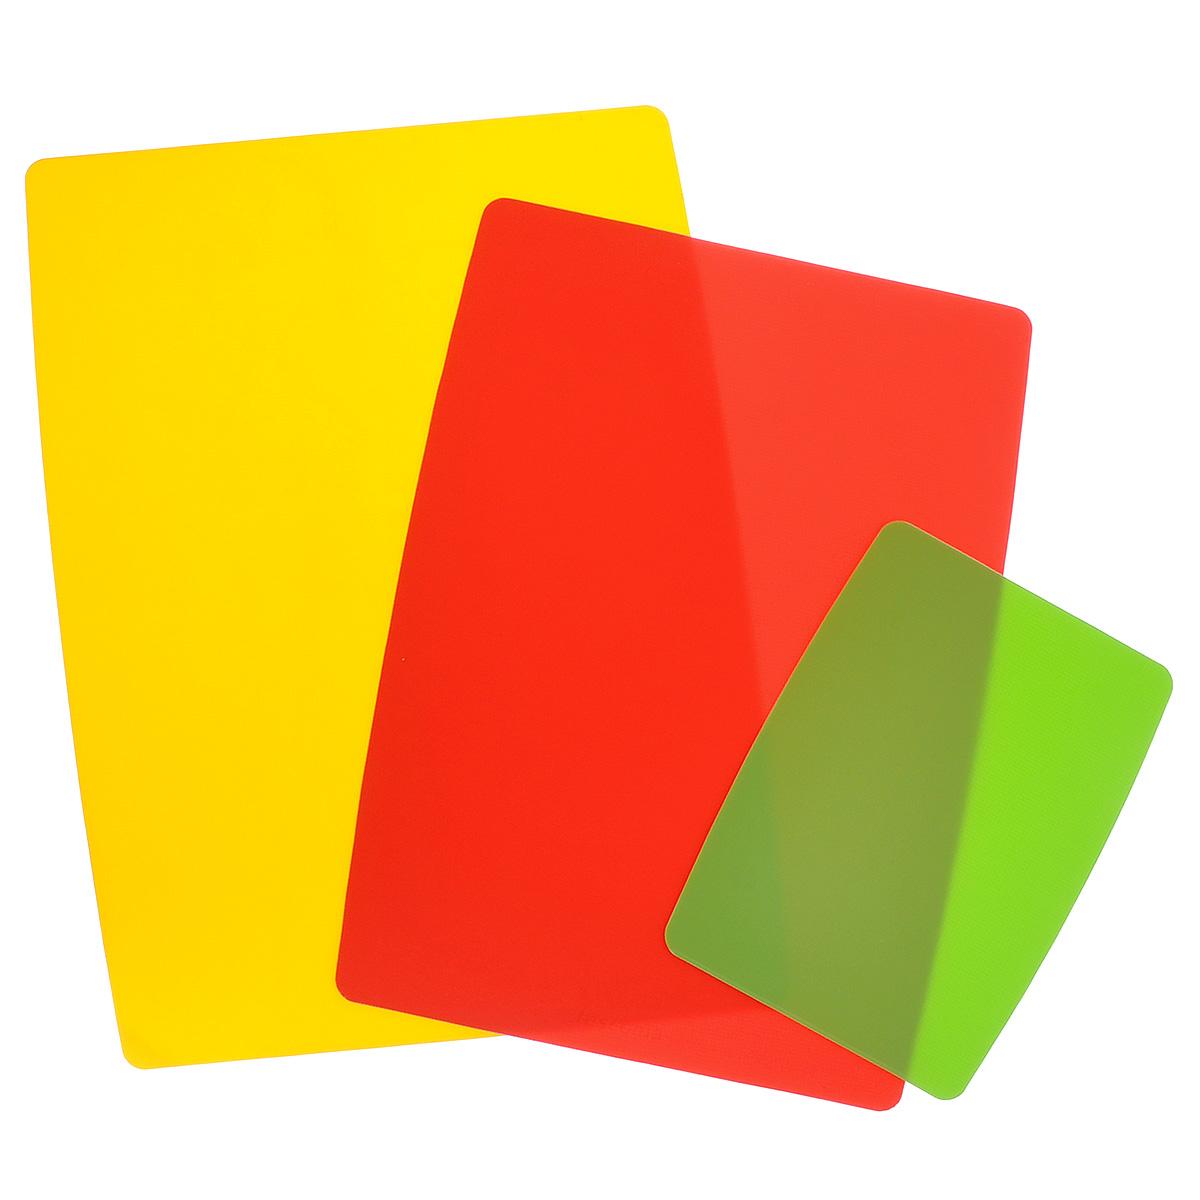 Доски разделочные Tescoma Presto, гибкие, цвет: желтый, красный, салатовый, 3 штFS-91909Гибкие разделочные доски Tescoma Presto прекрасно подходят для разделки всех видов пищевых продуктов. Они имеют слой для защиты от скольжения, благодаря которому прилегают к столу и не скользят. Изготовлены из гибкой пластмассы для удобства переноски и высыпания. Пригодны для посудомоечной машины.Размер большой доски: 40 х 28,5 см.Размер средней доски: 37 х 24,5 см.Размер маленькой доски: 25 х 15 см.